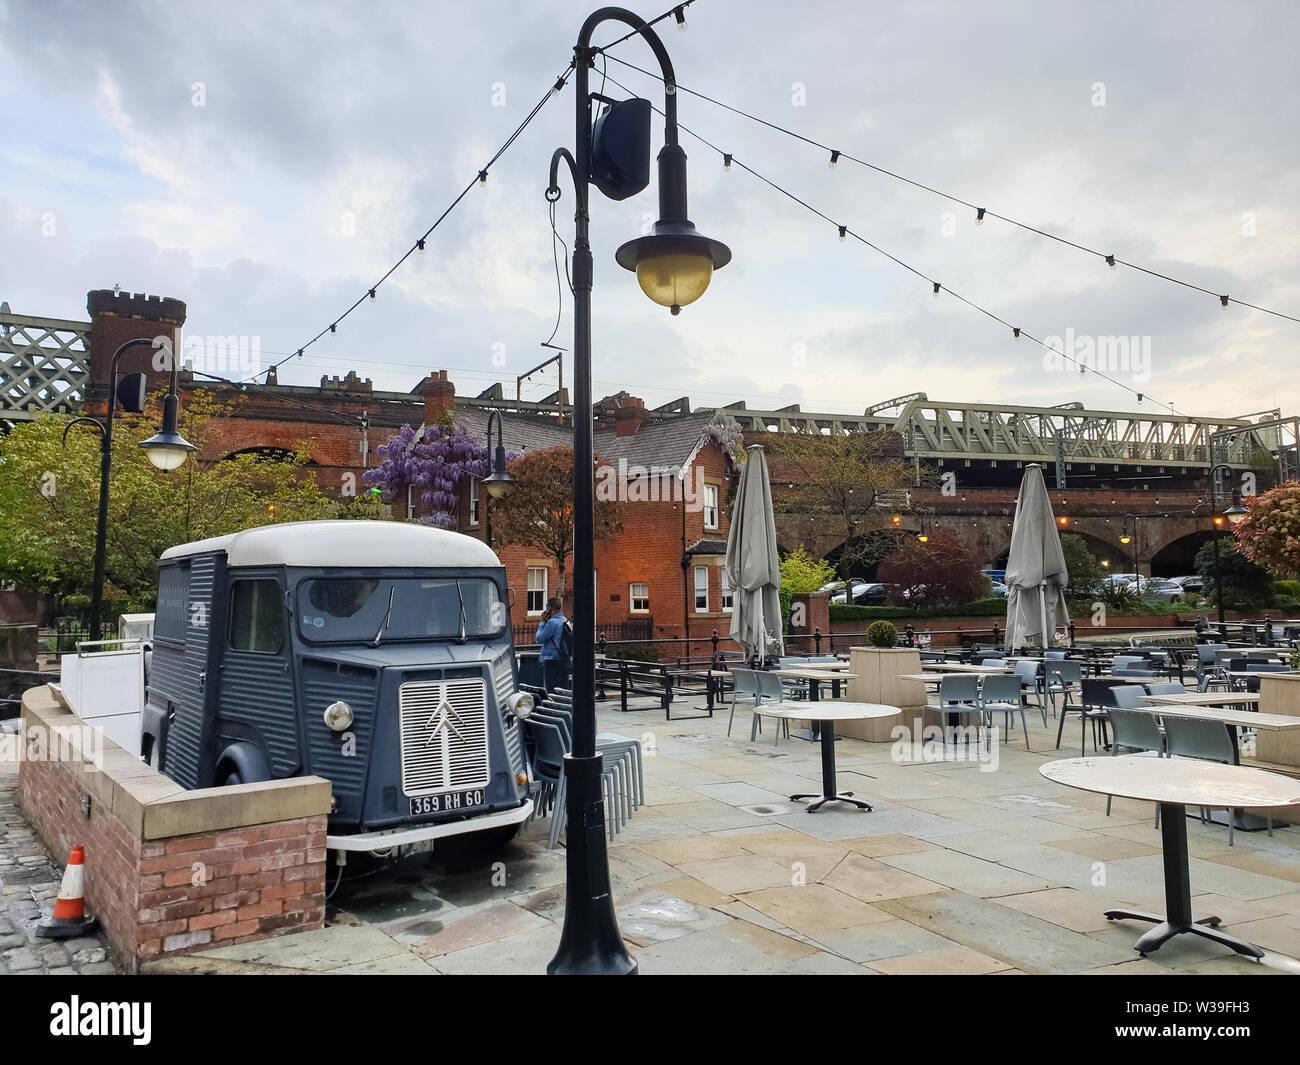 Manchester, Reino Unido - 25 de abril de 2019: Condiciones Atmosféricas escena de un clásico Citroën H Van en el área de Manchester Castlefield Foto de stock